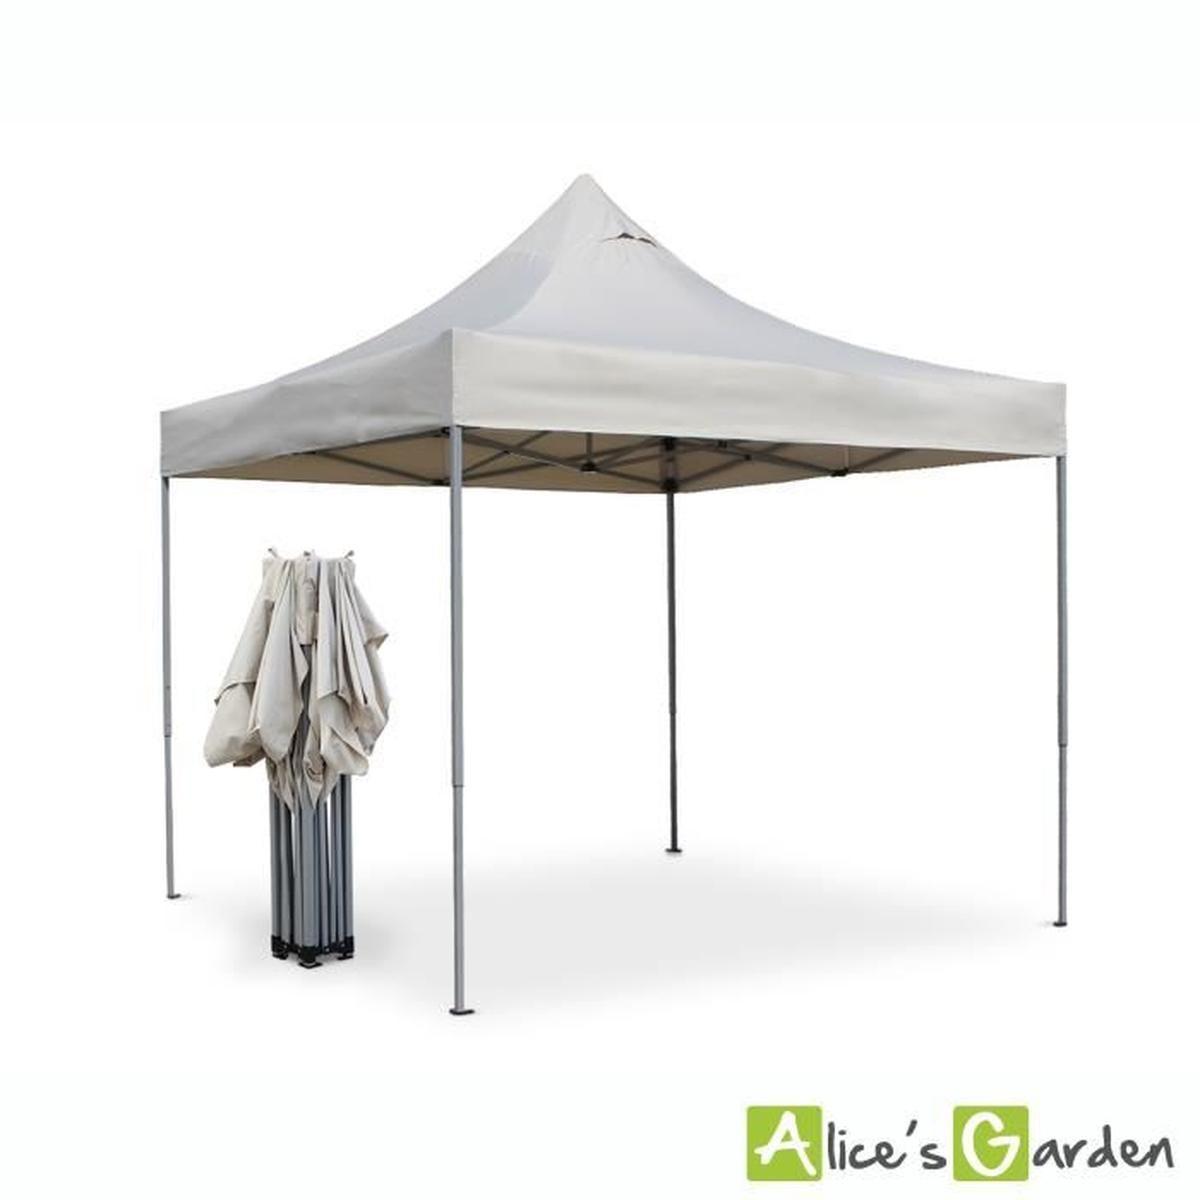 Tonnelle Pliante Premium Apertus 3X3, Tente De Jardin Pop Up ... encequiconcerne Alice Garden Tonnelle